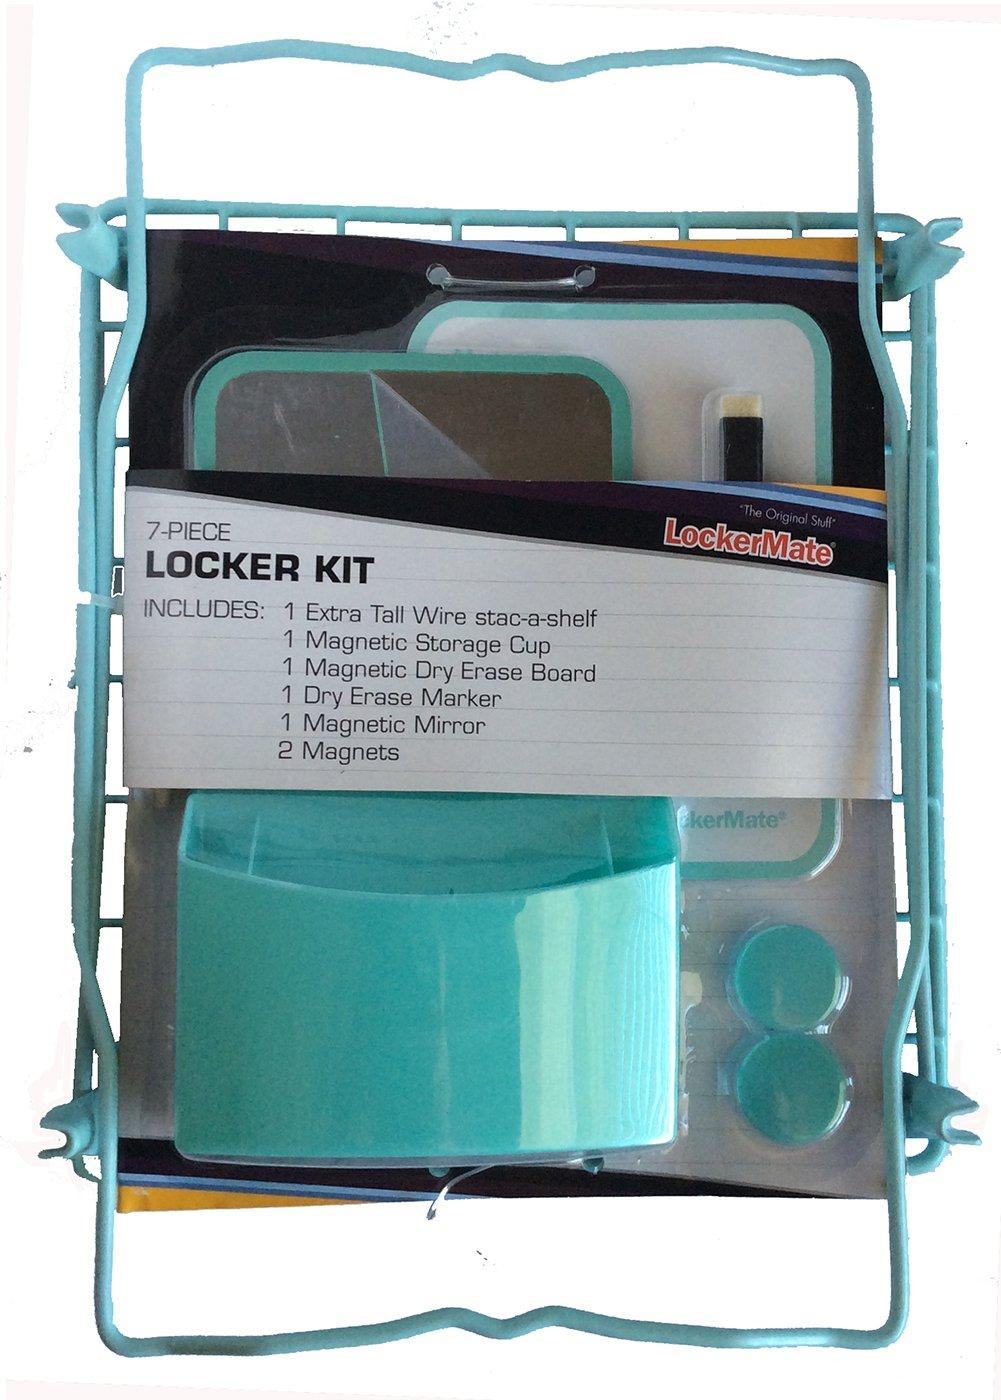 LockerMate 7 Piece Tall Wire Locker Kit with Magnets, Mirror, Dry Erase Board, Storage Cup, Dry Erase Marker School Supplies (Black) (Mist Green)